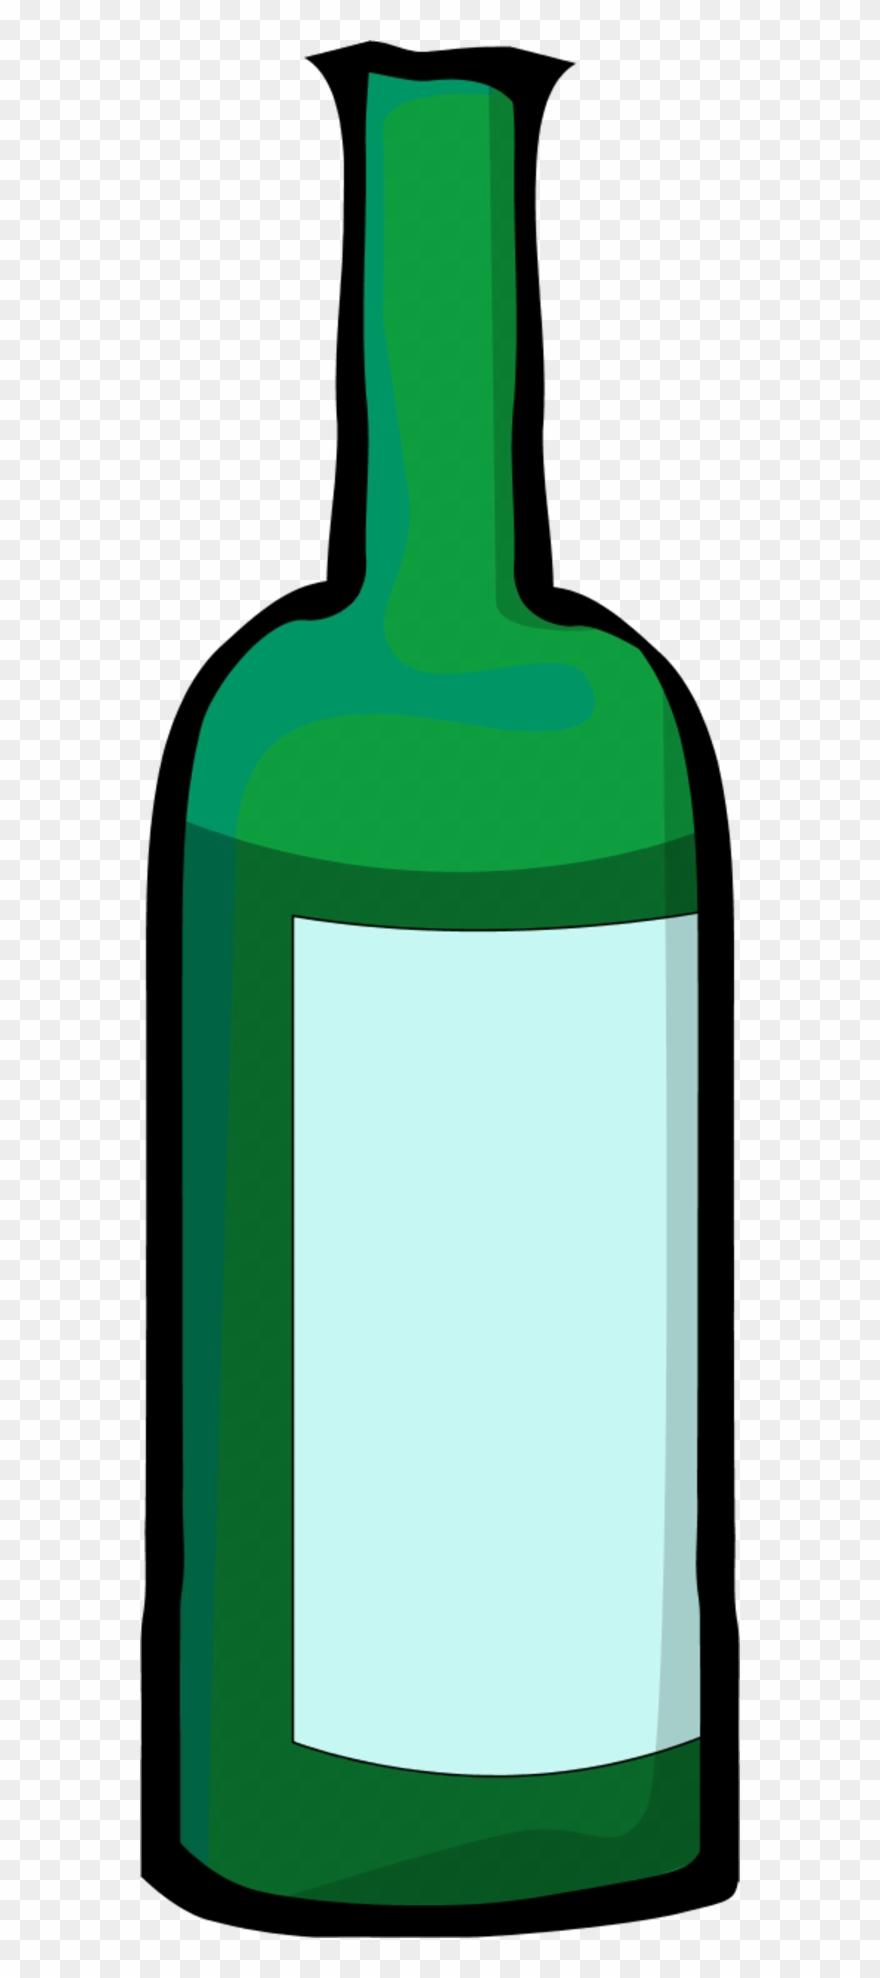 Bottle Clipart Green Bottle.